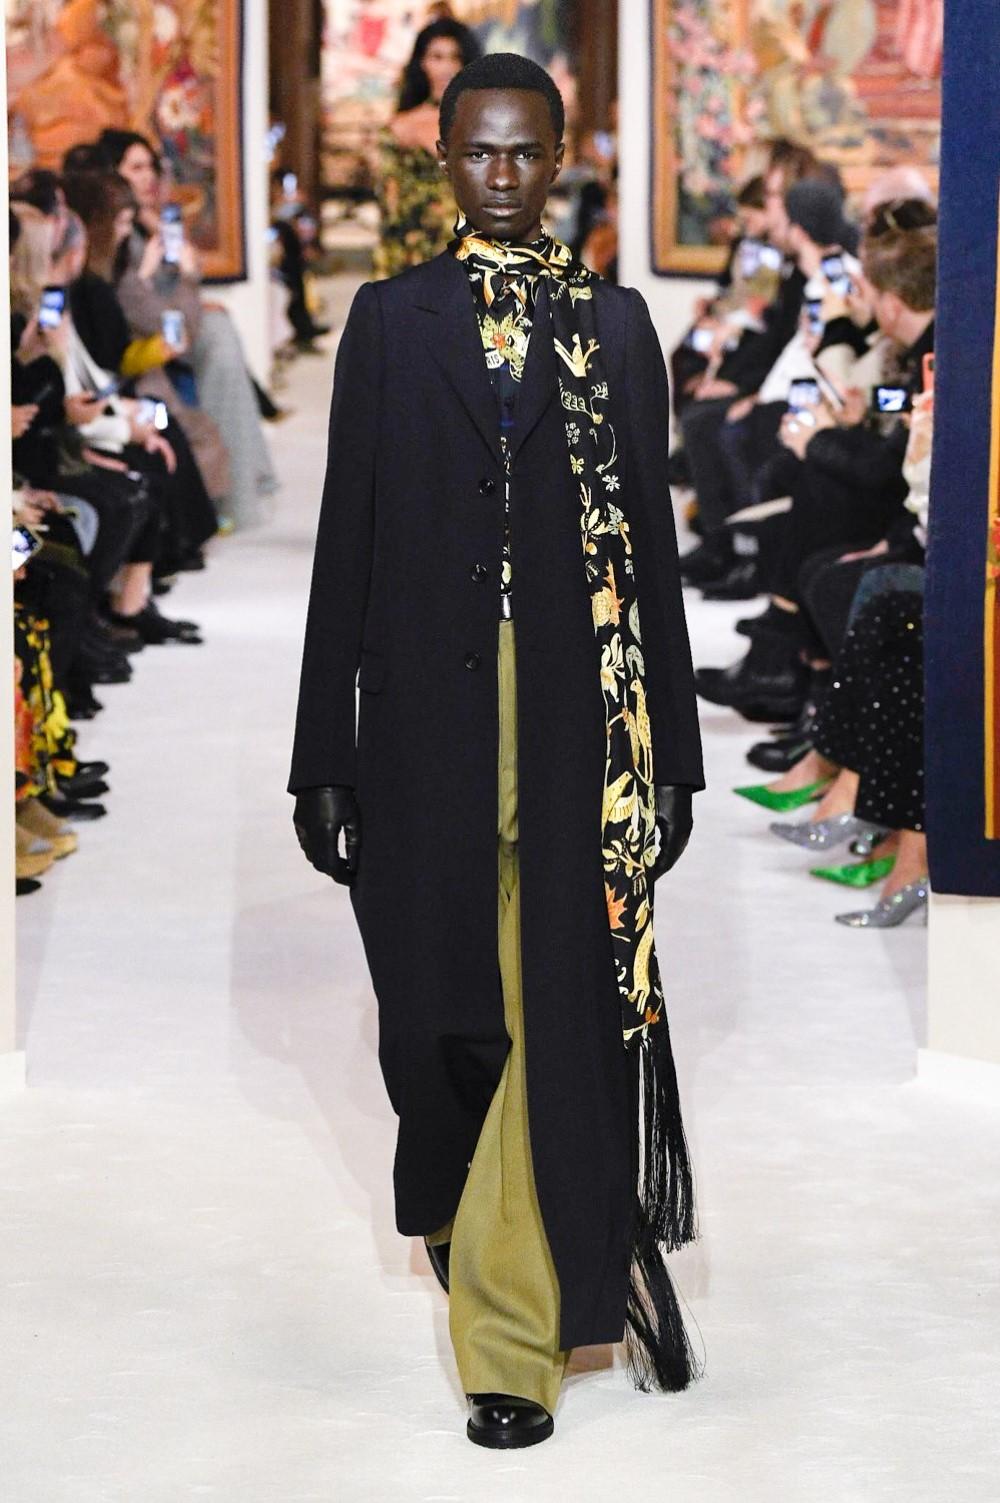 Lanvin Automne Hiver 2020 2021 Paris Fashion Week 8 1